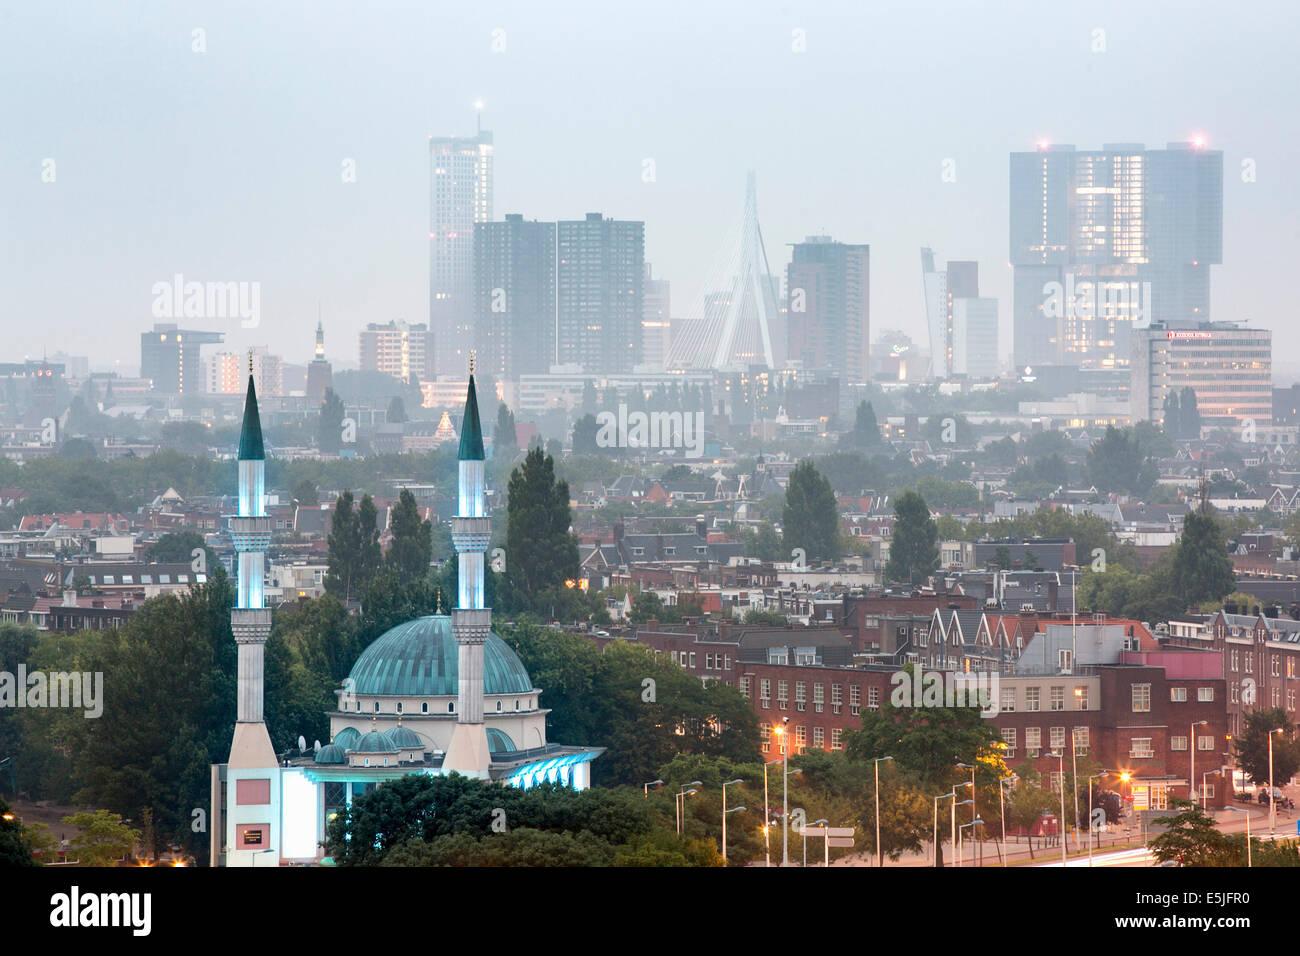 Países Bajos, Rotterdam, vistas de la mezquita y el horizonte. Mañana al atardecer. Imagen De Stock